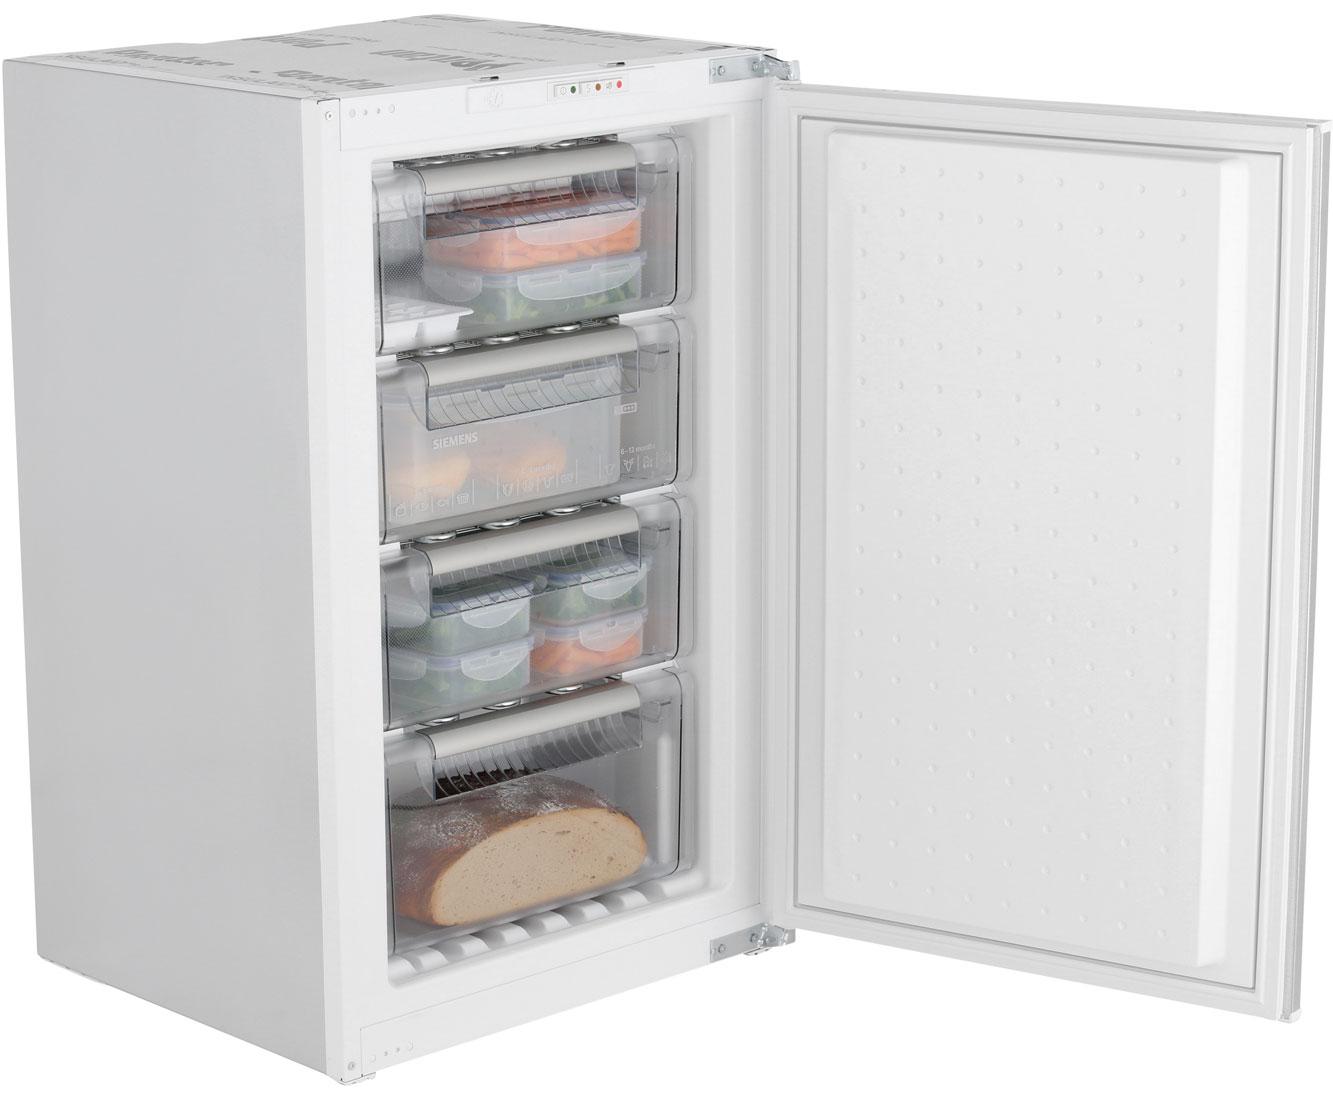 Siemens Kühlschrank Optimale Temperatur : Gefrierschrank temperatur temperatur im gefrierschrank